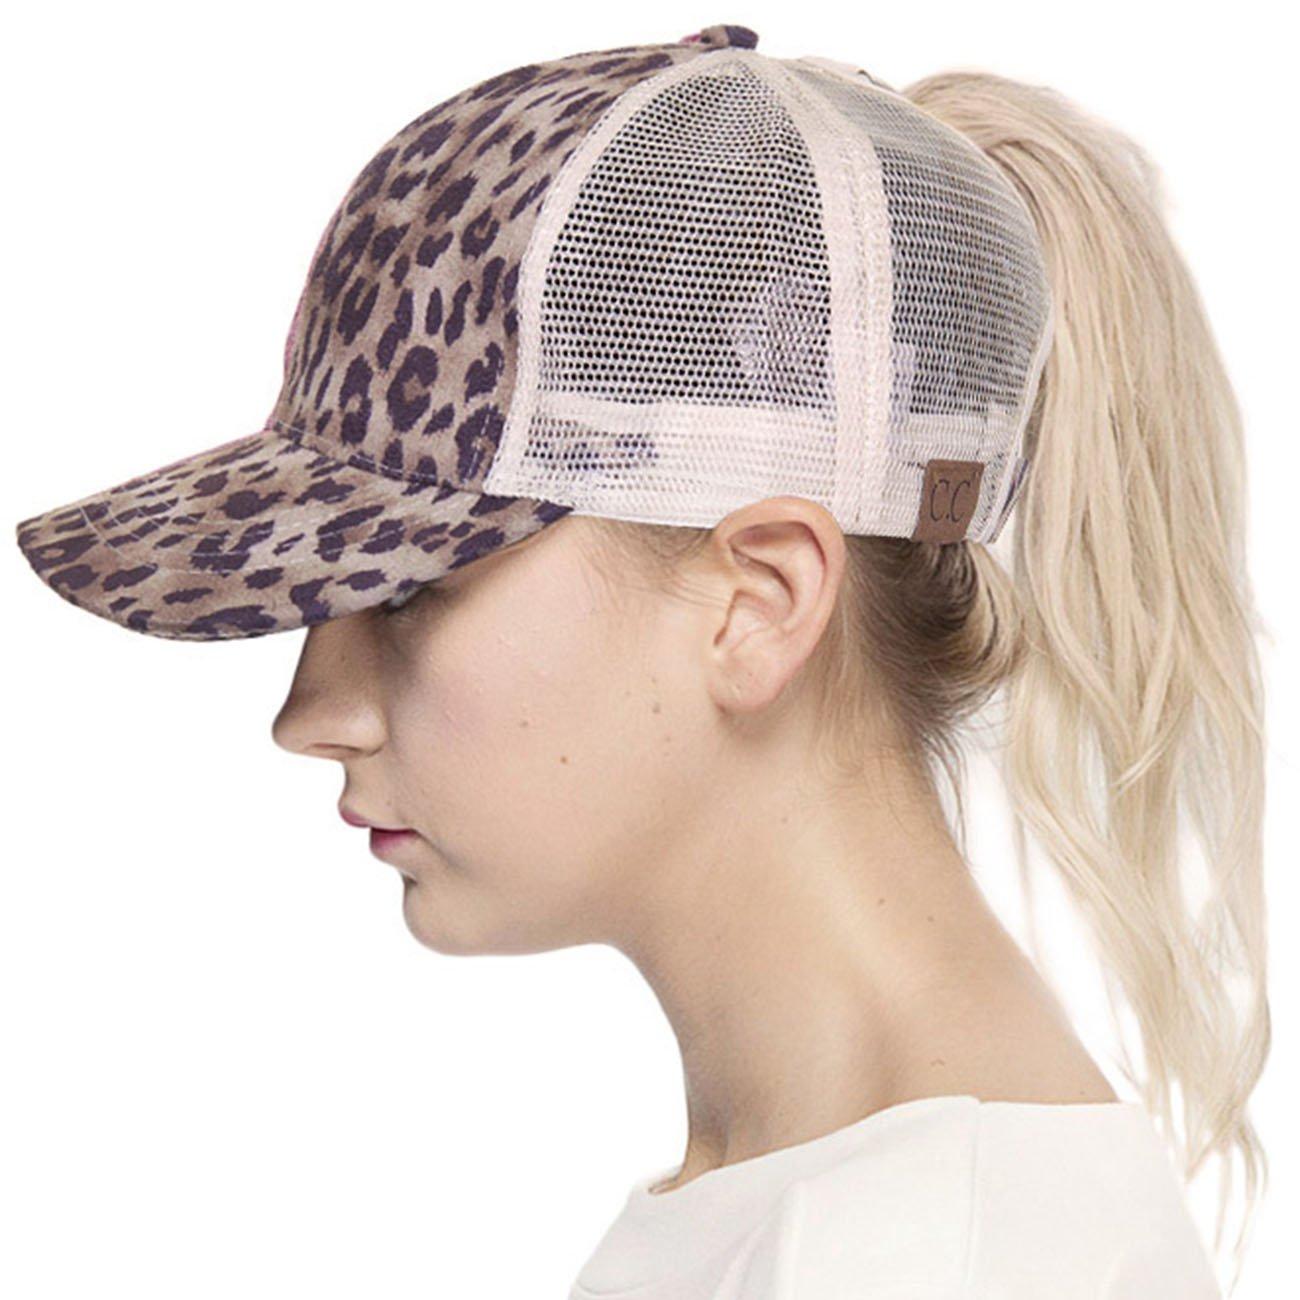 ScarvesMe C.C Exclusive Leopard Mesh Ponytail Messy Bun Ponycap Baseball Cap (Leopard)